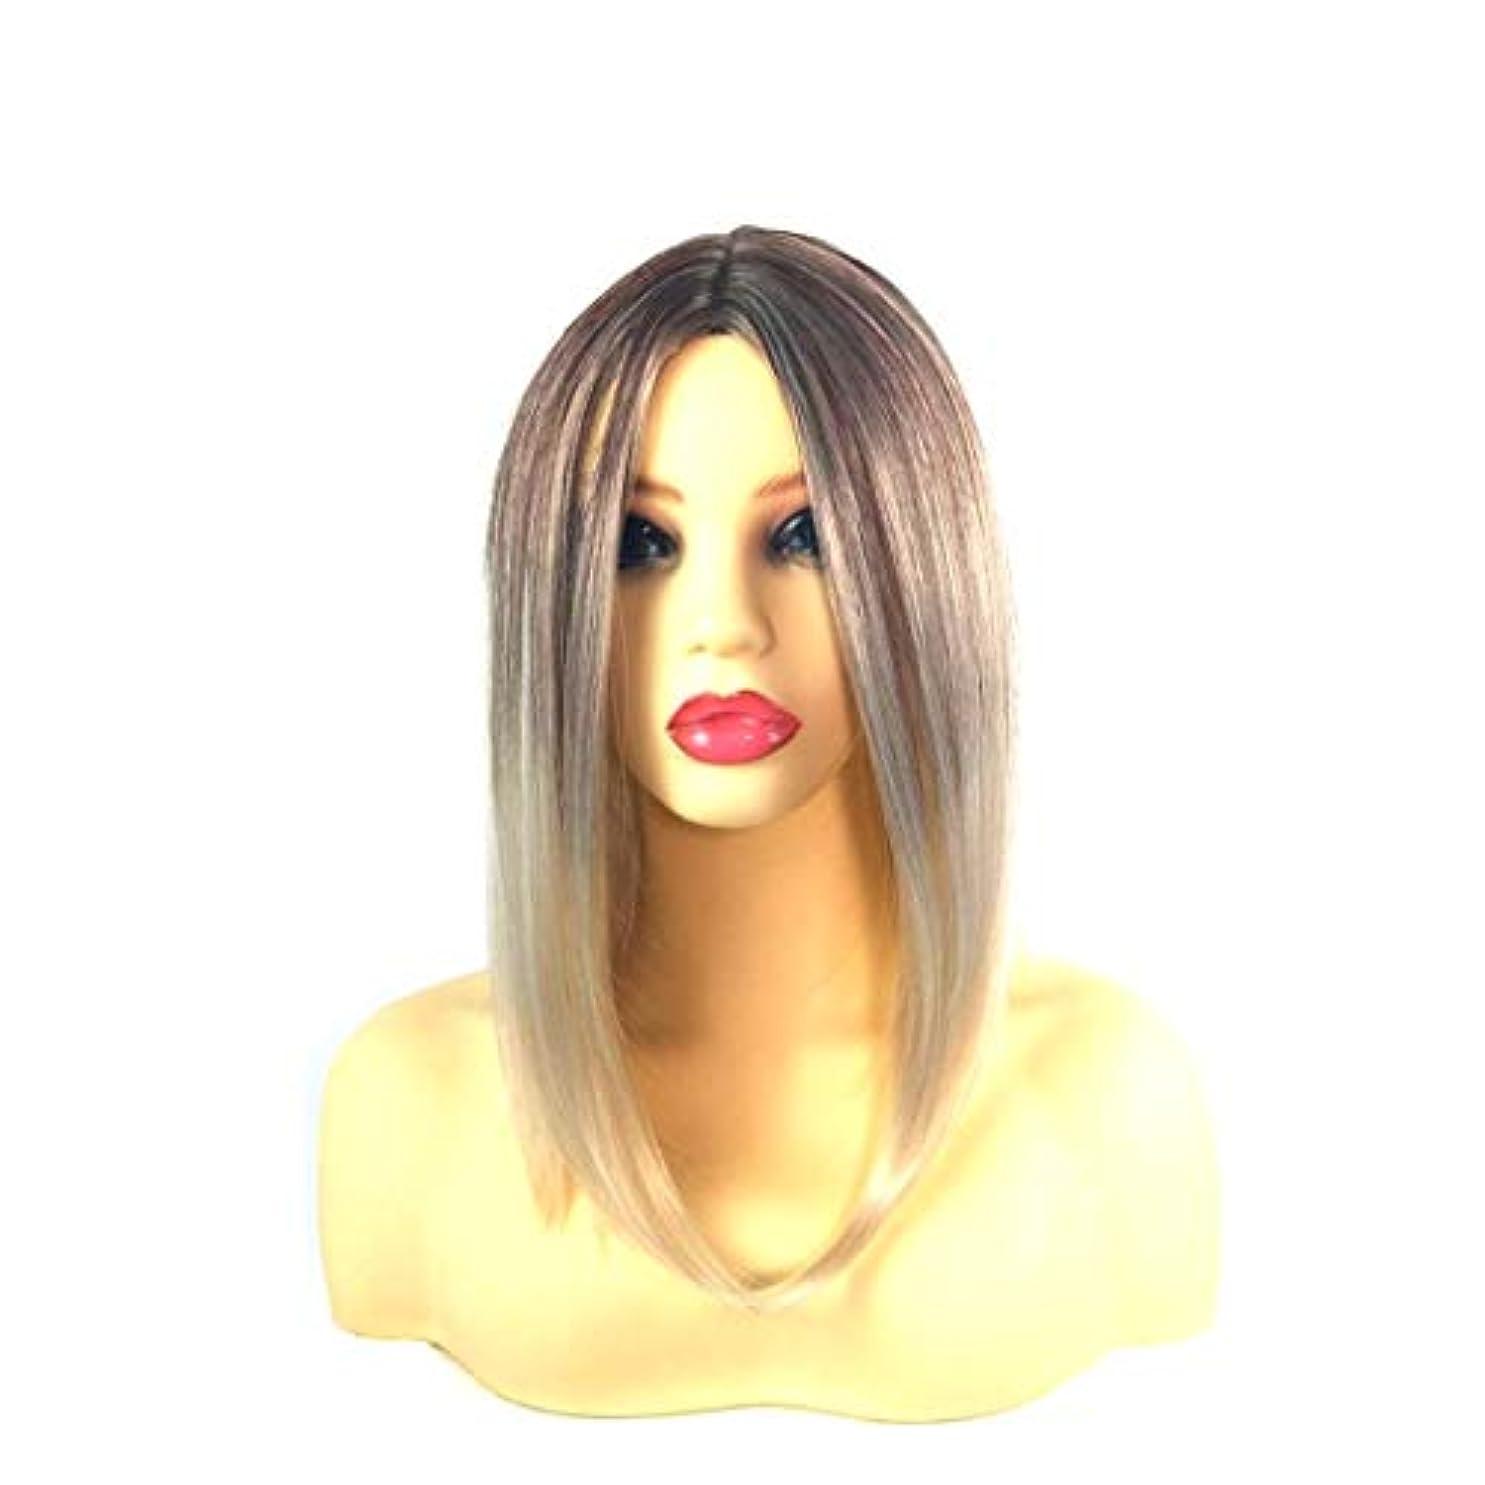 暗くする部分的に発火するKerwinner 女性のための前髪の短いストレートの髪の黒のグラデーションライスホワイトウィッグヘッドバンド